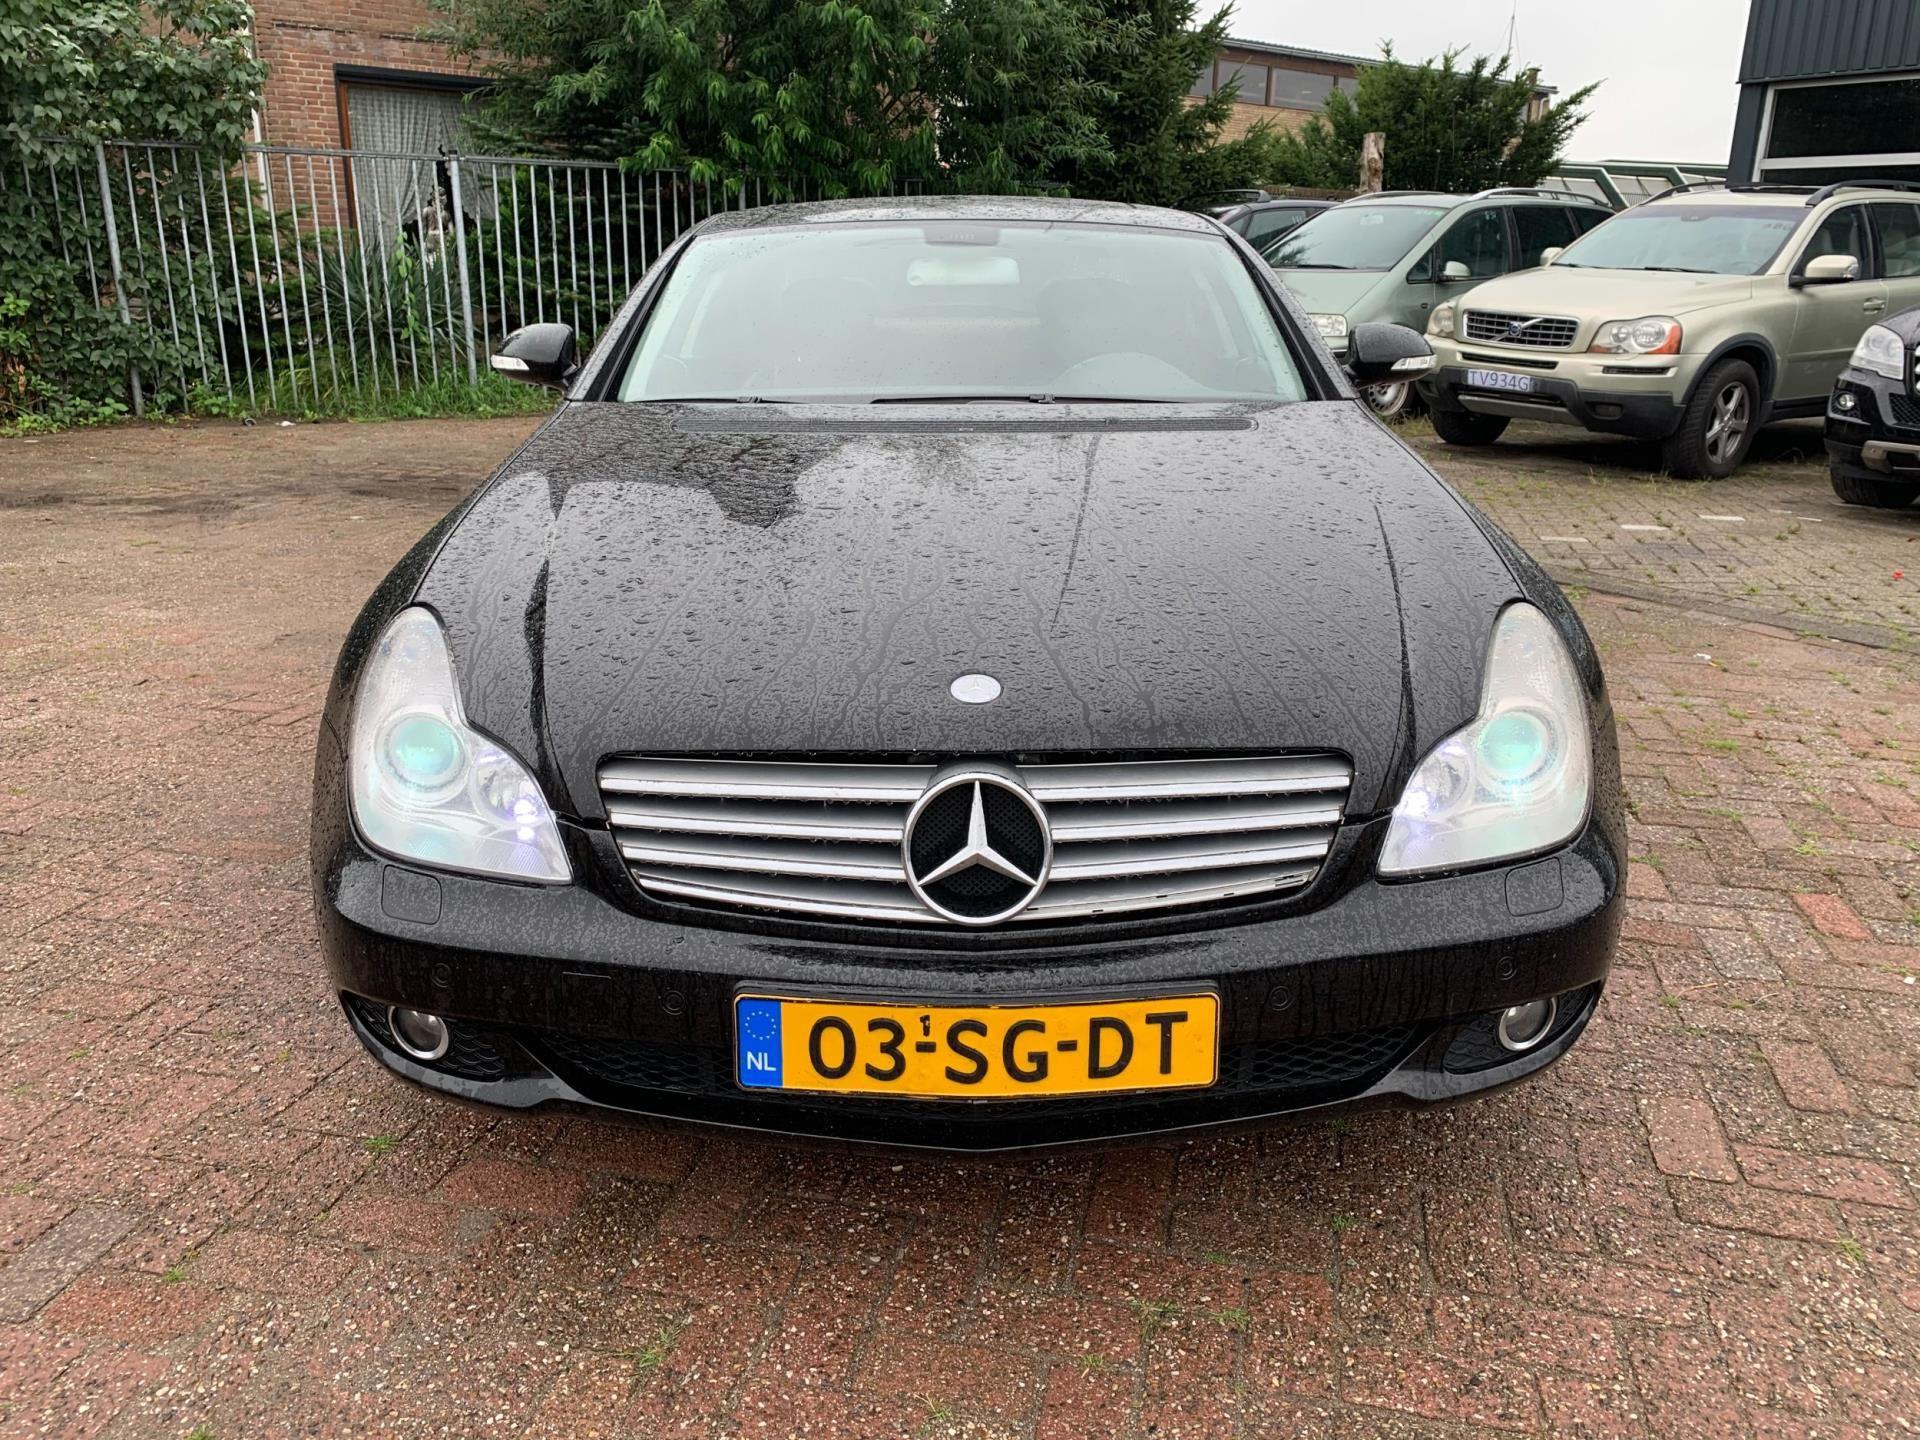 Mercedes-Benz CLS-klasse occasion - DDM Export B.V.